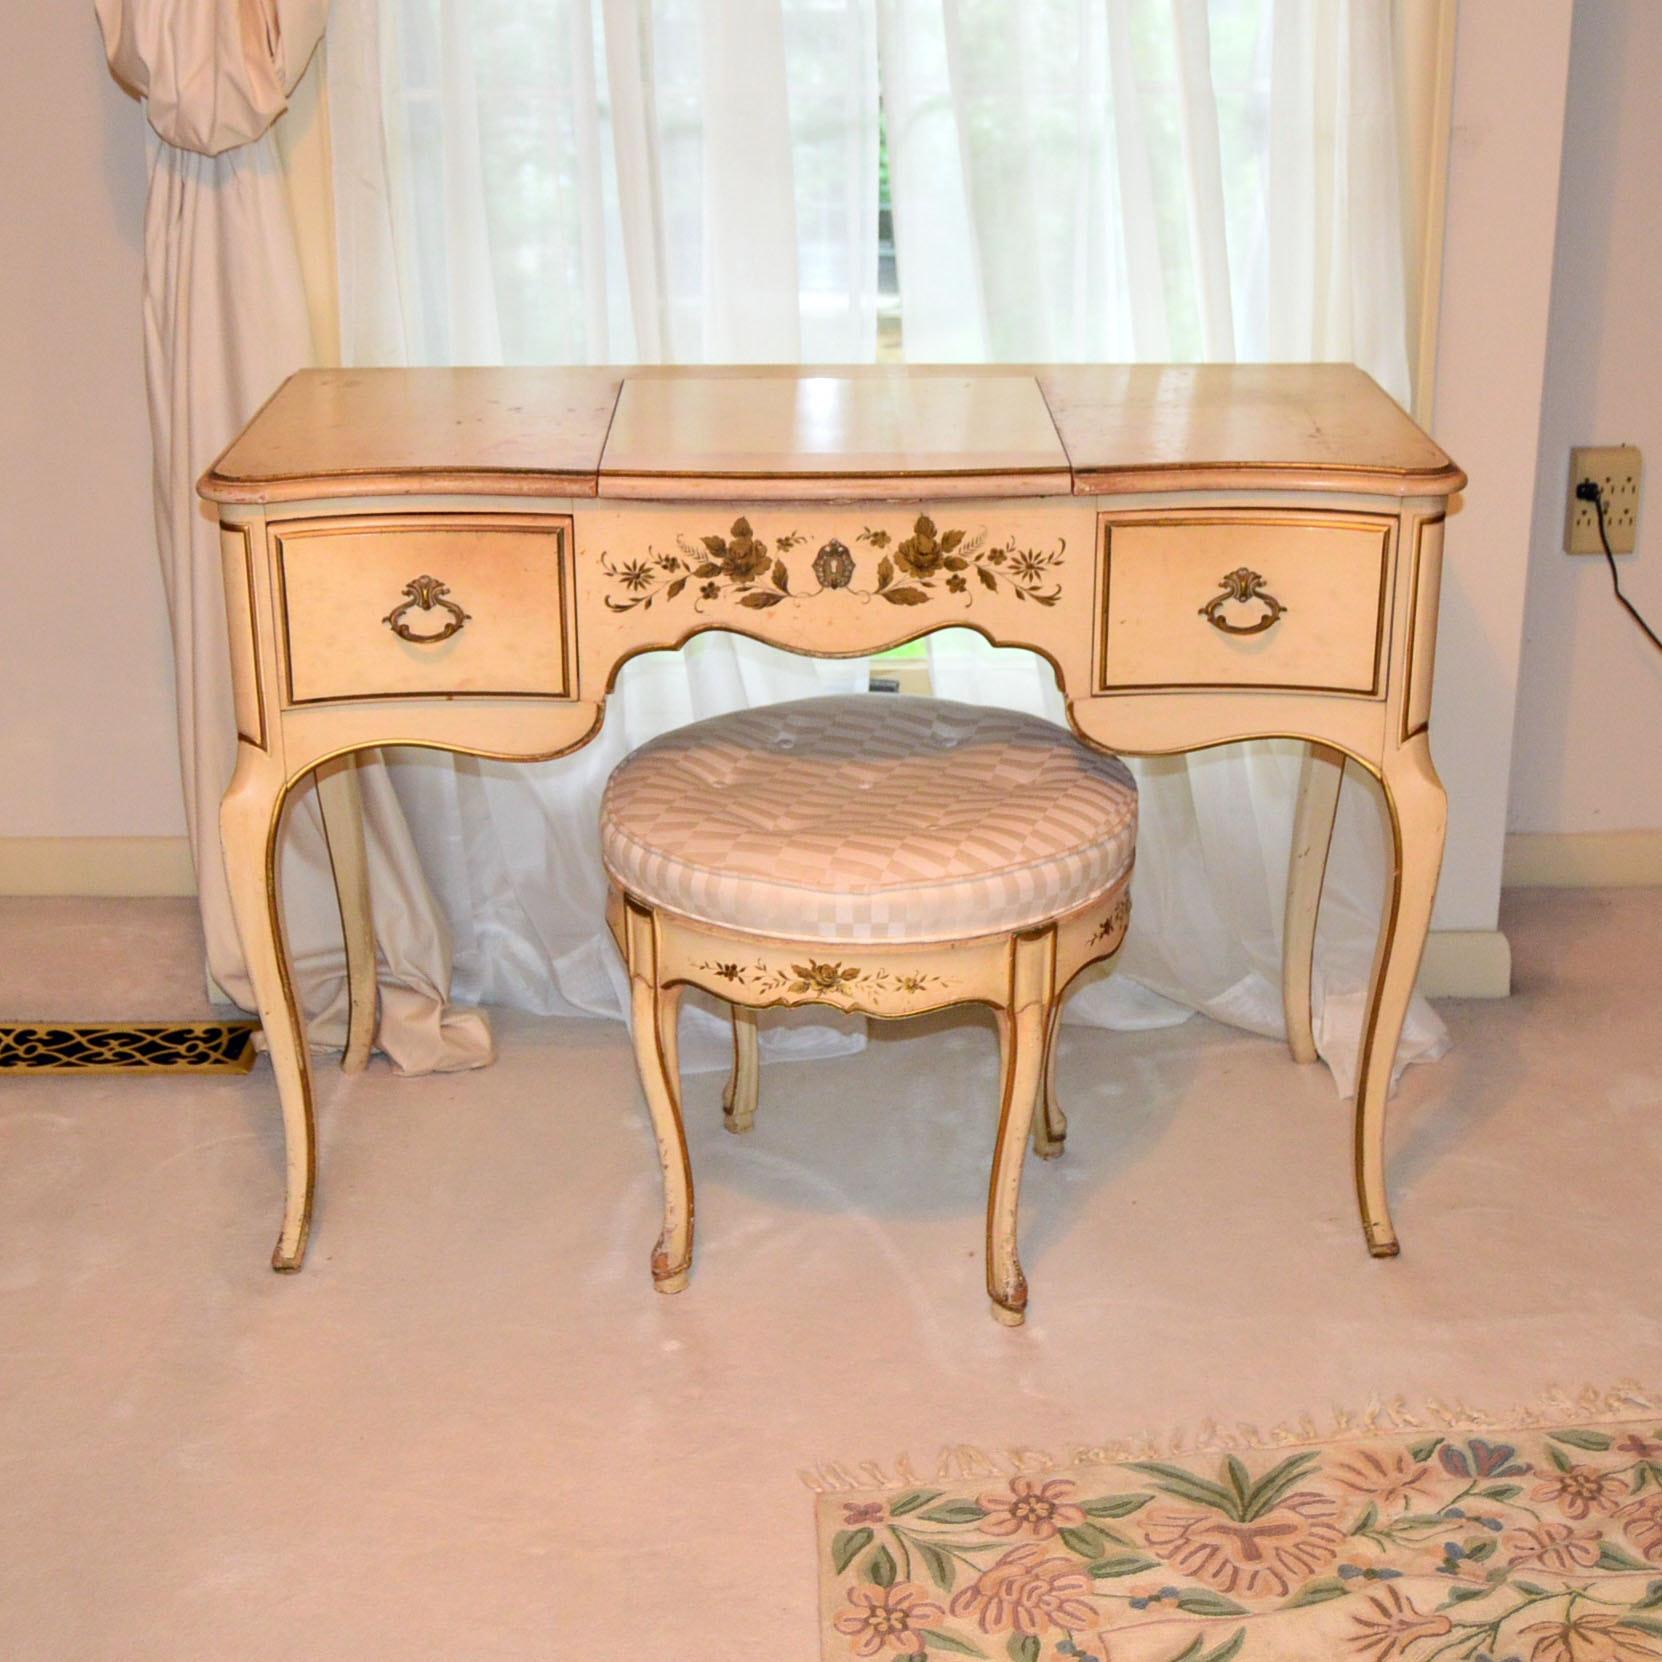 Dixon Powdermaker Furniture Furniture Designs